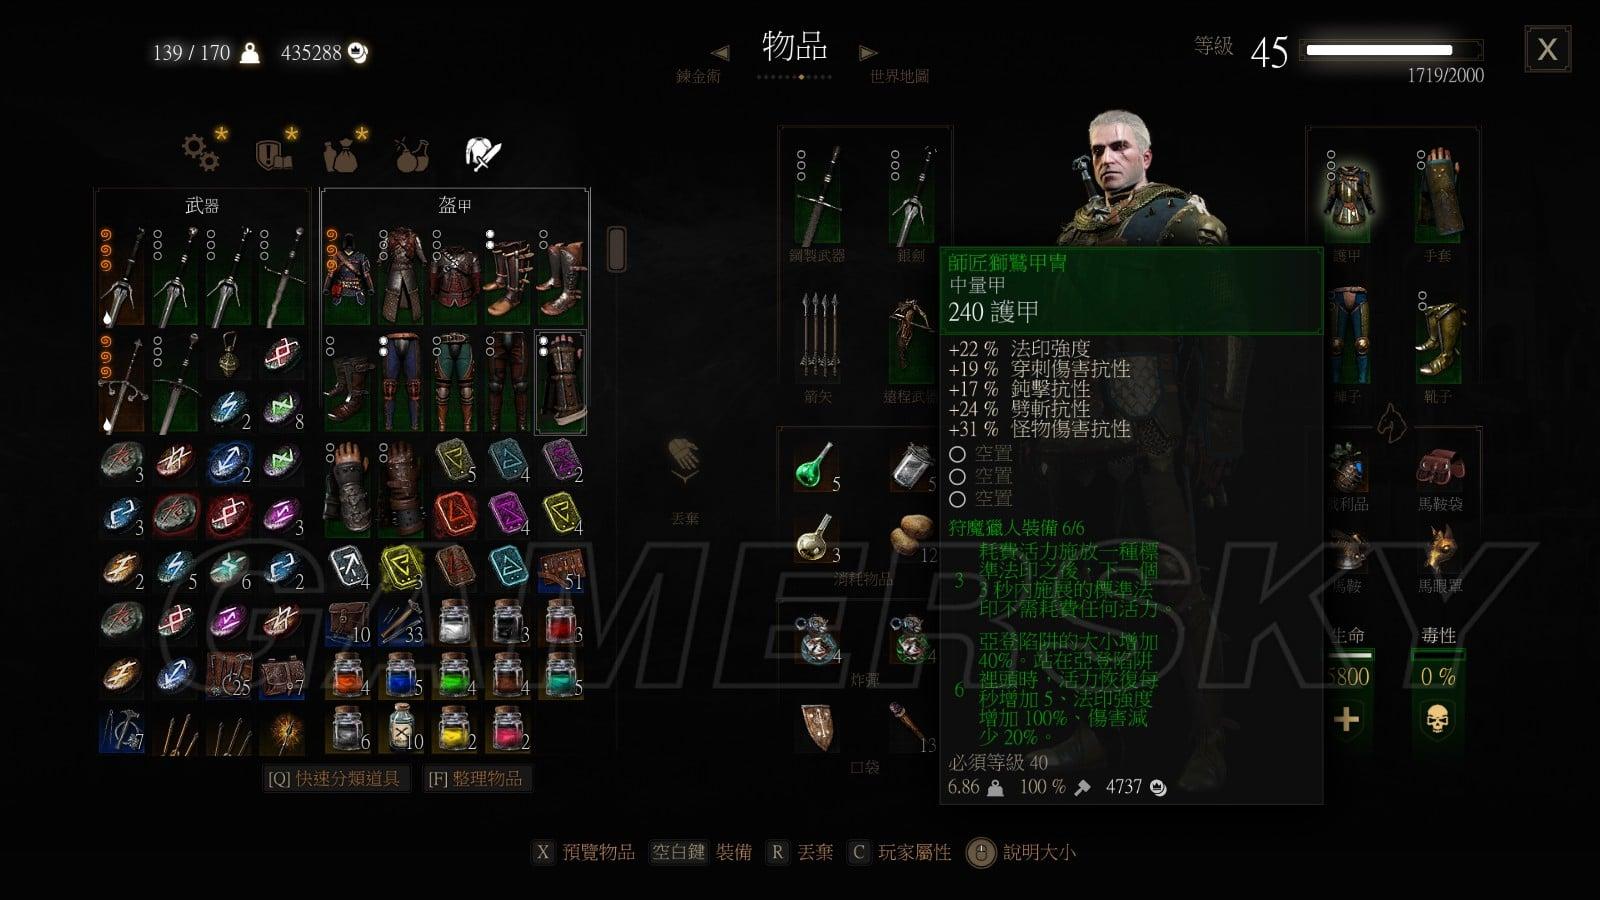 巫師3 血與酒全成就心得 新武器裝備獲得方法